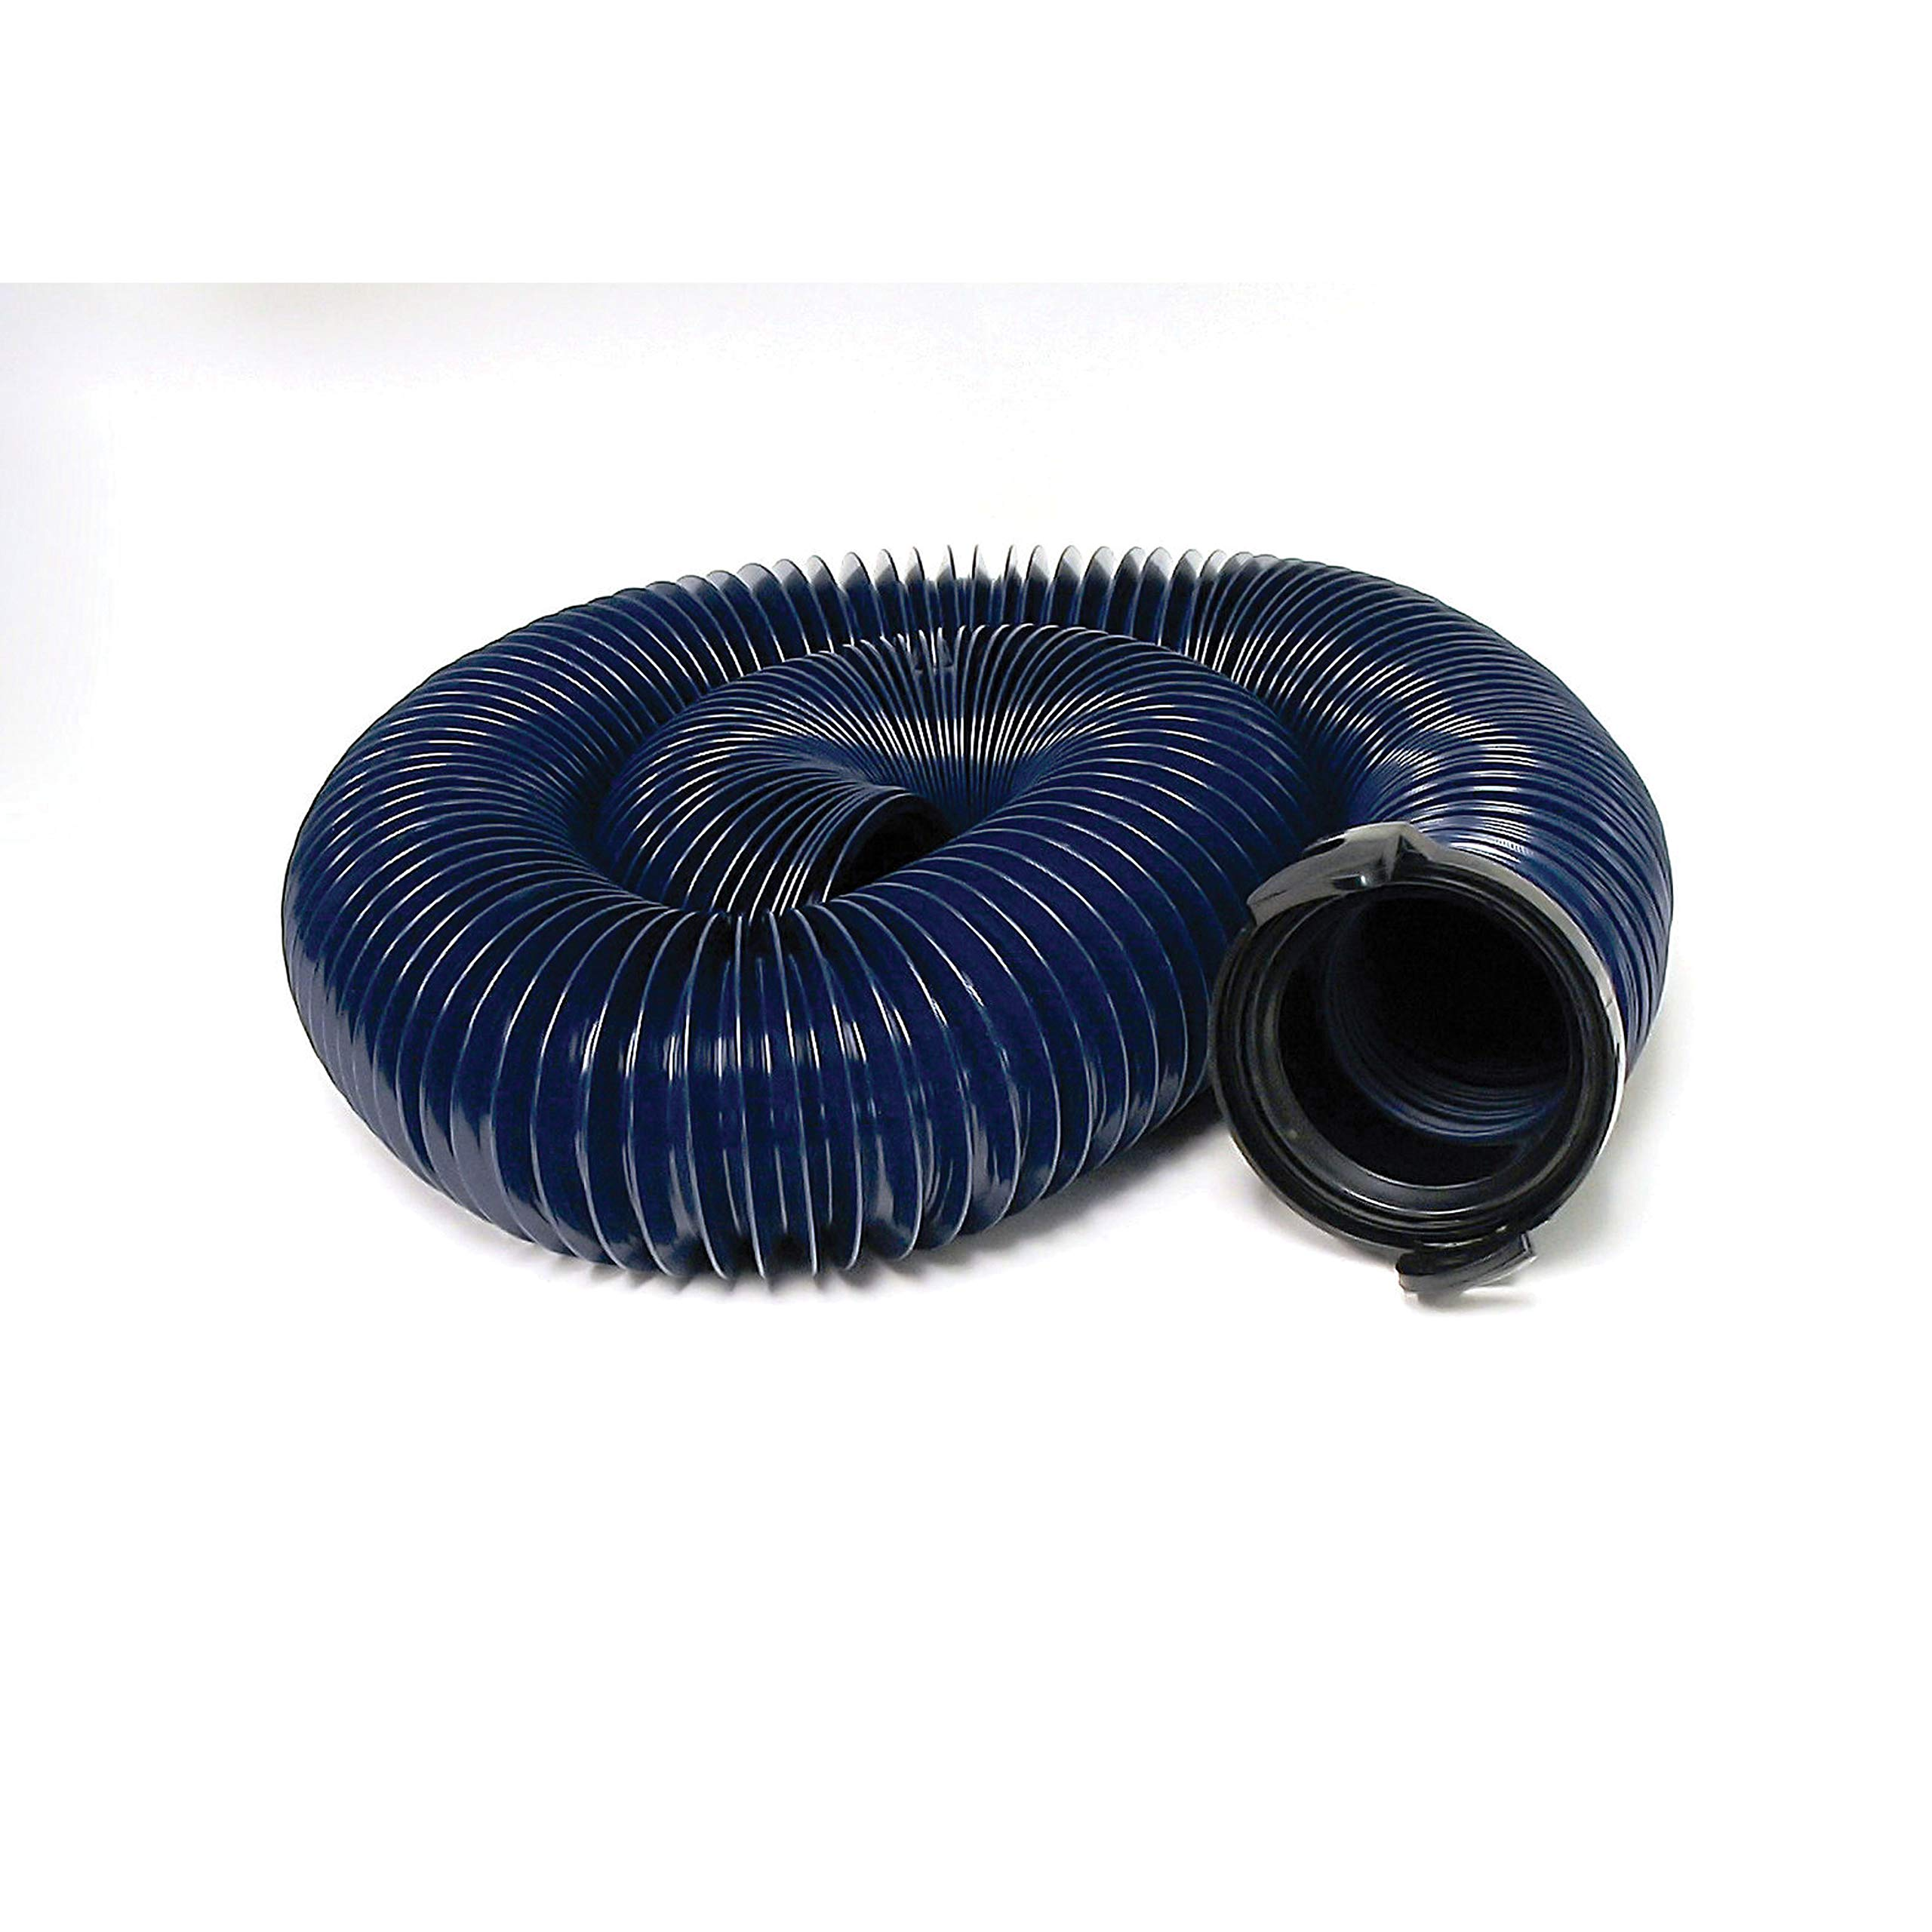 Valterra D04-0121 20' Blue Standard Bulk Quick Drain with Straight Hose Adapter by Valterra